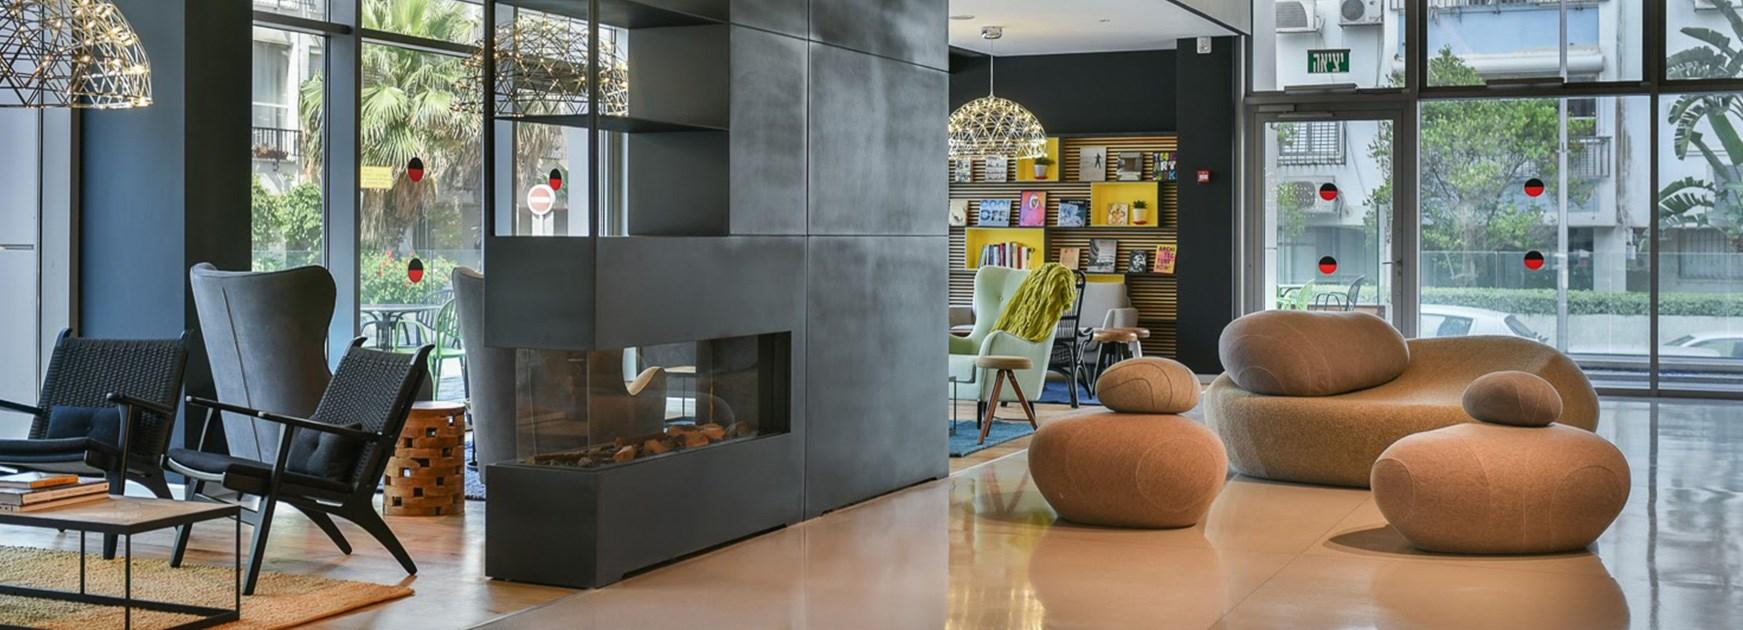 tal-hotel-telaviv-header